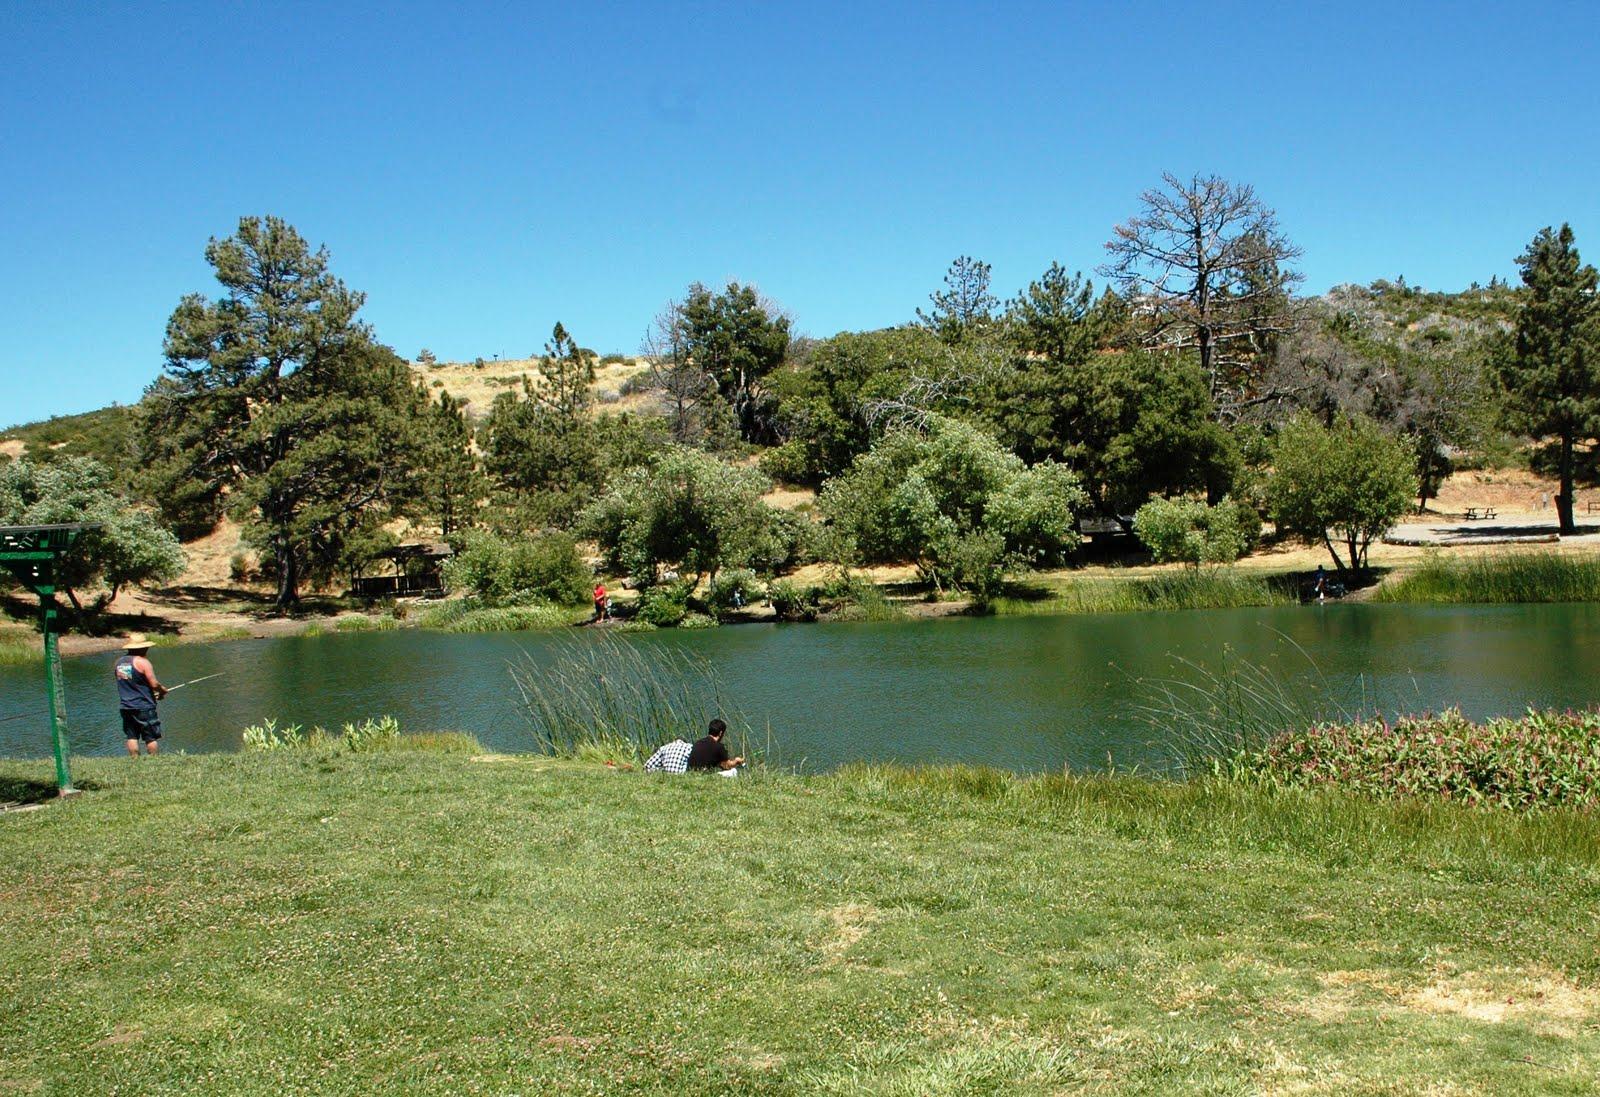 Patrick tillett cuyamaca mountains 2 for Lake cuyamaca fishing